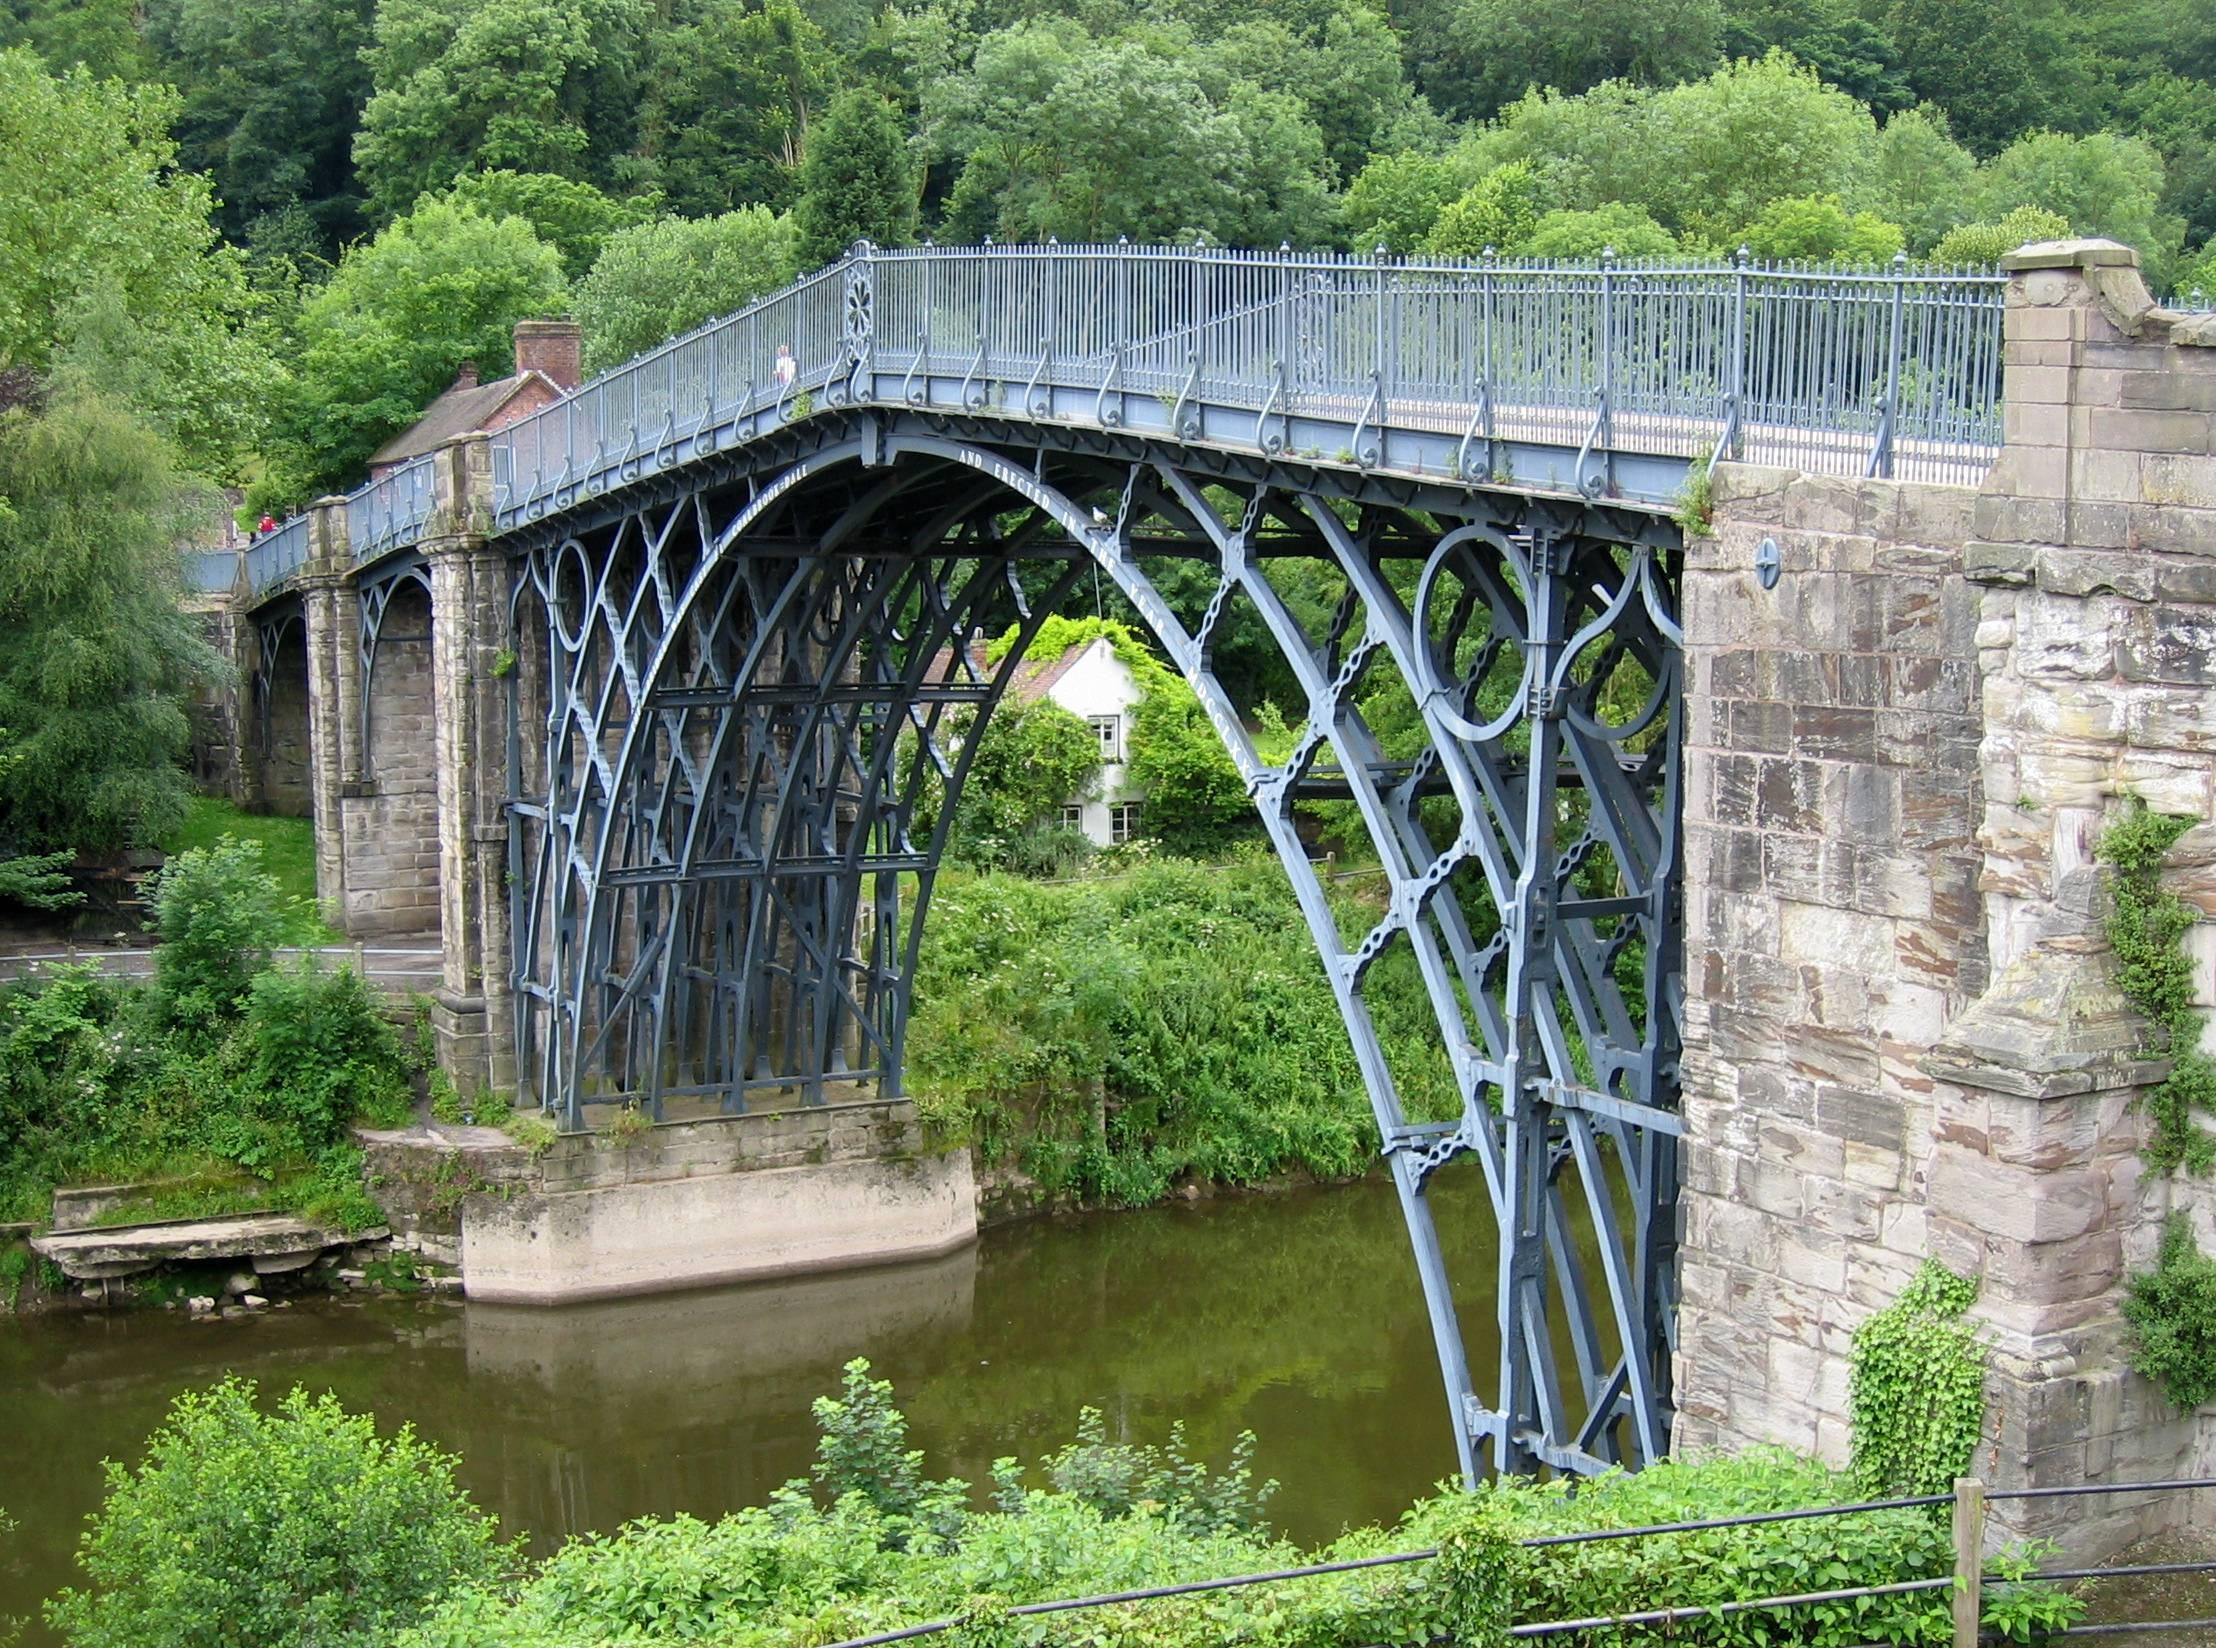 Estórias da História: A Ponte de Coalbrookdale